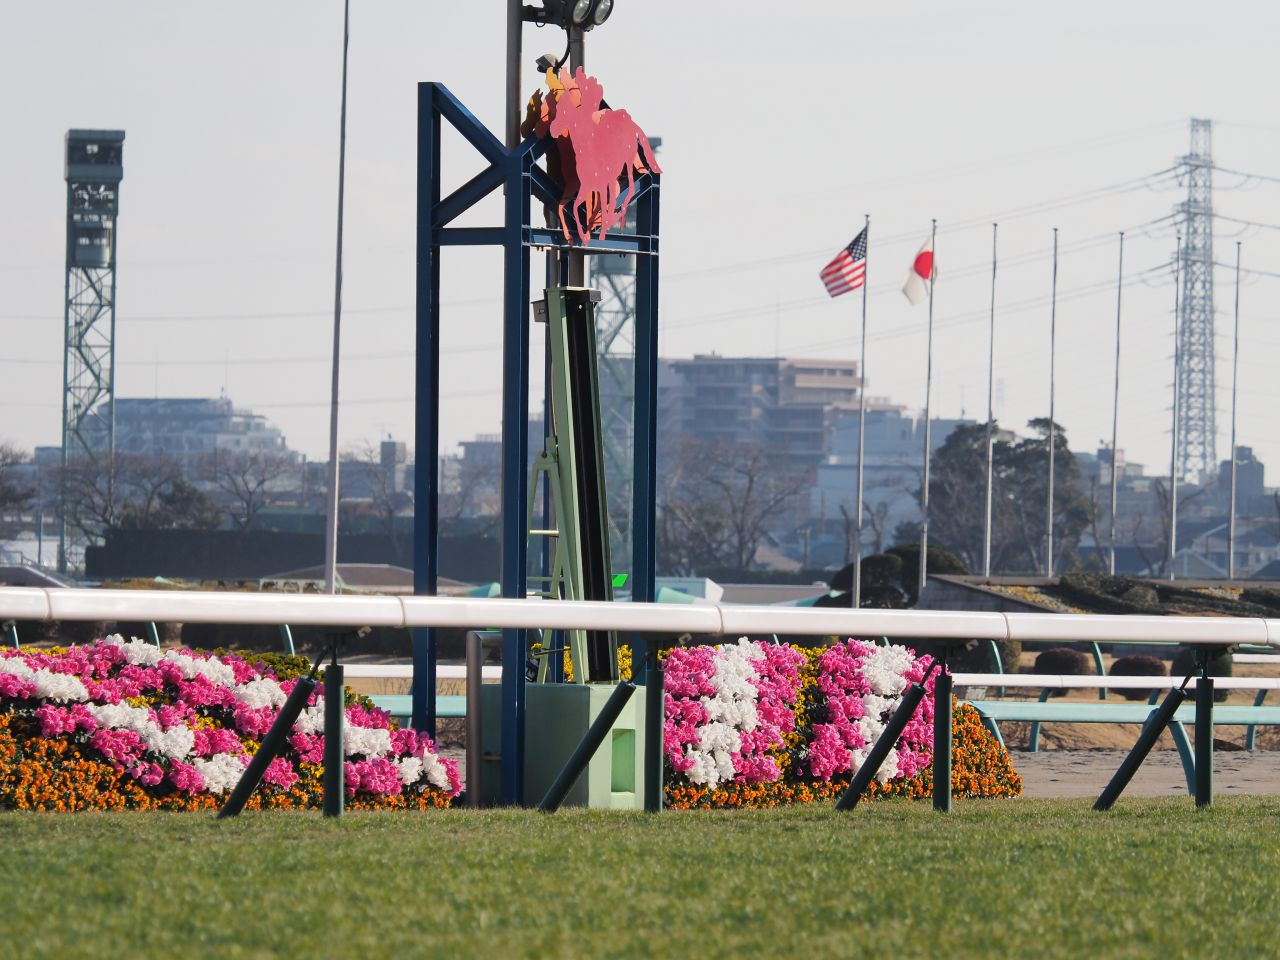 アポロケンタッキー号が競走馬登録抹消